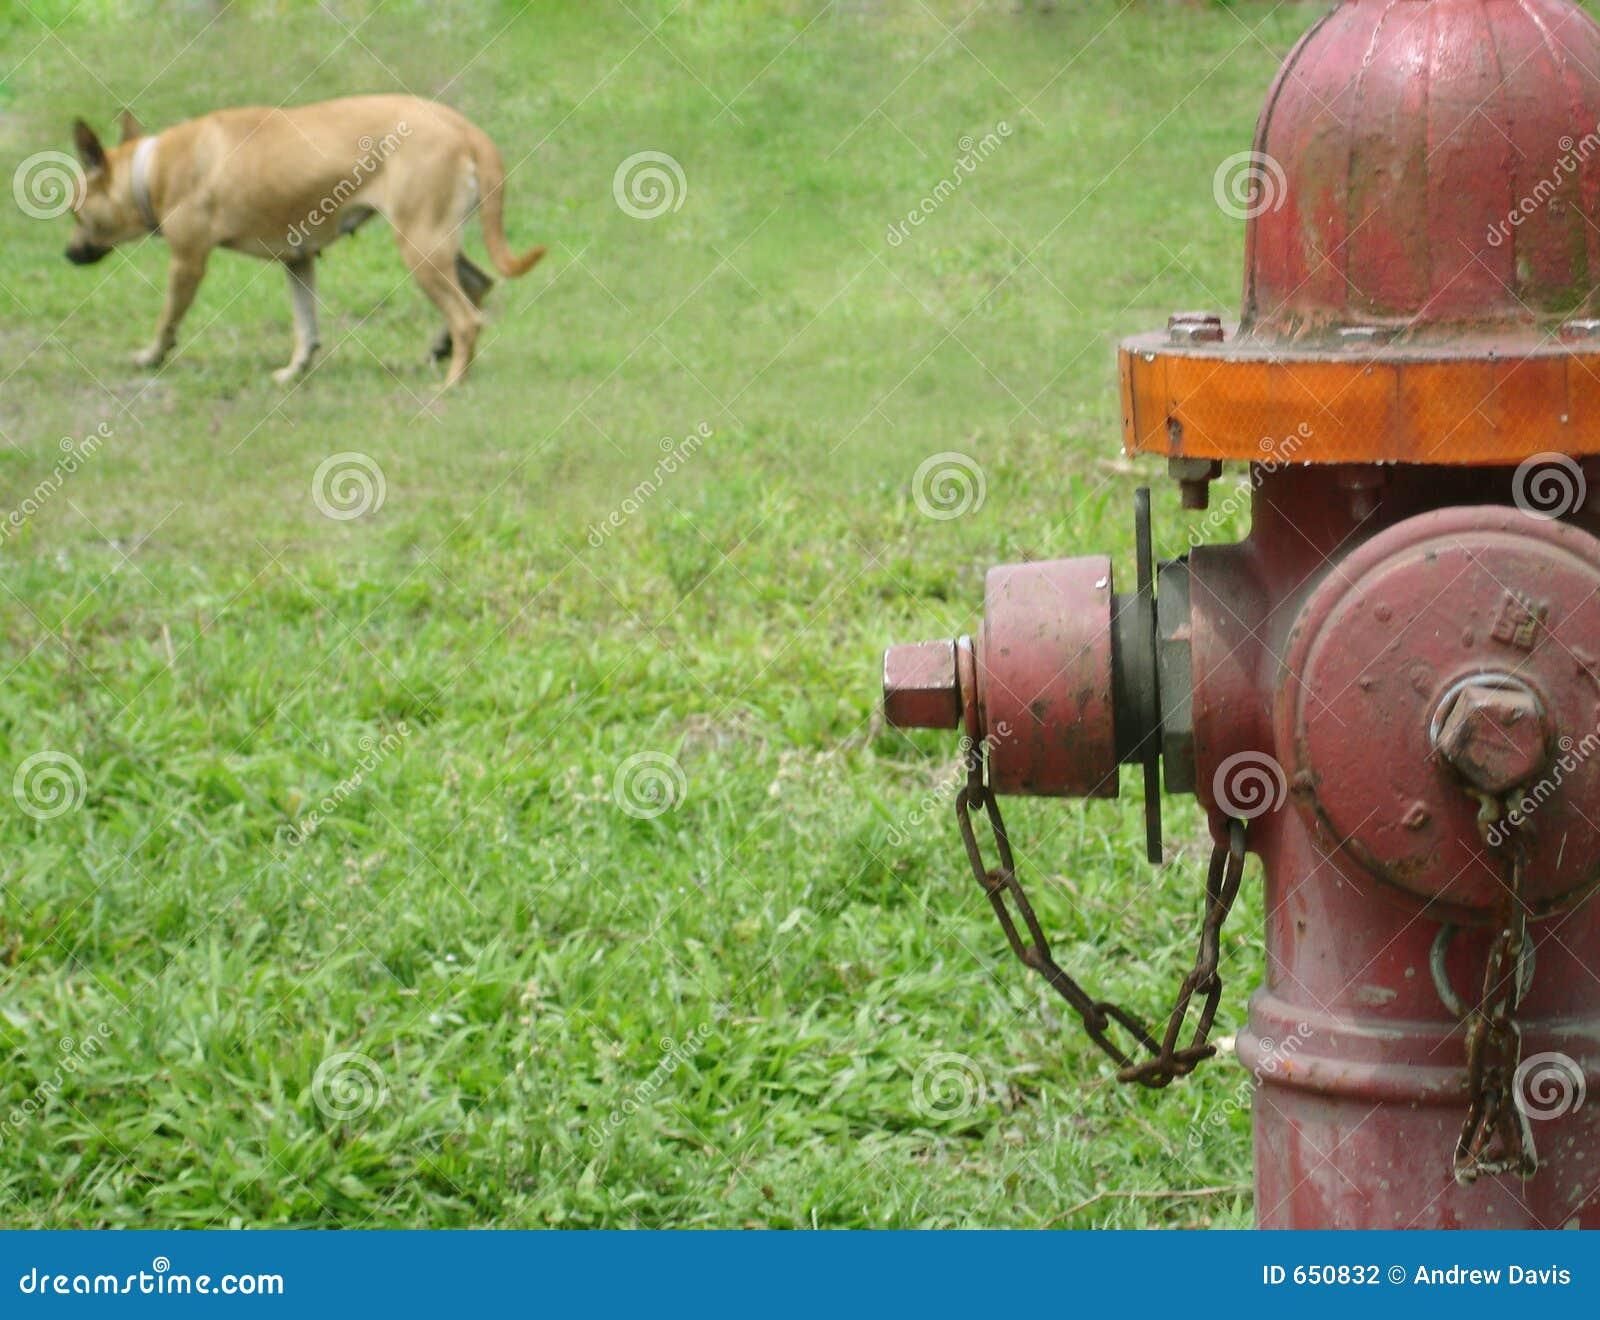 boy peeing on hydrant jpg 1200x900